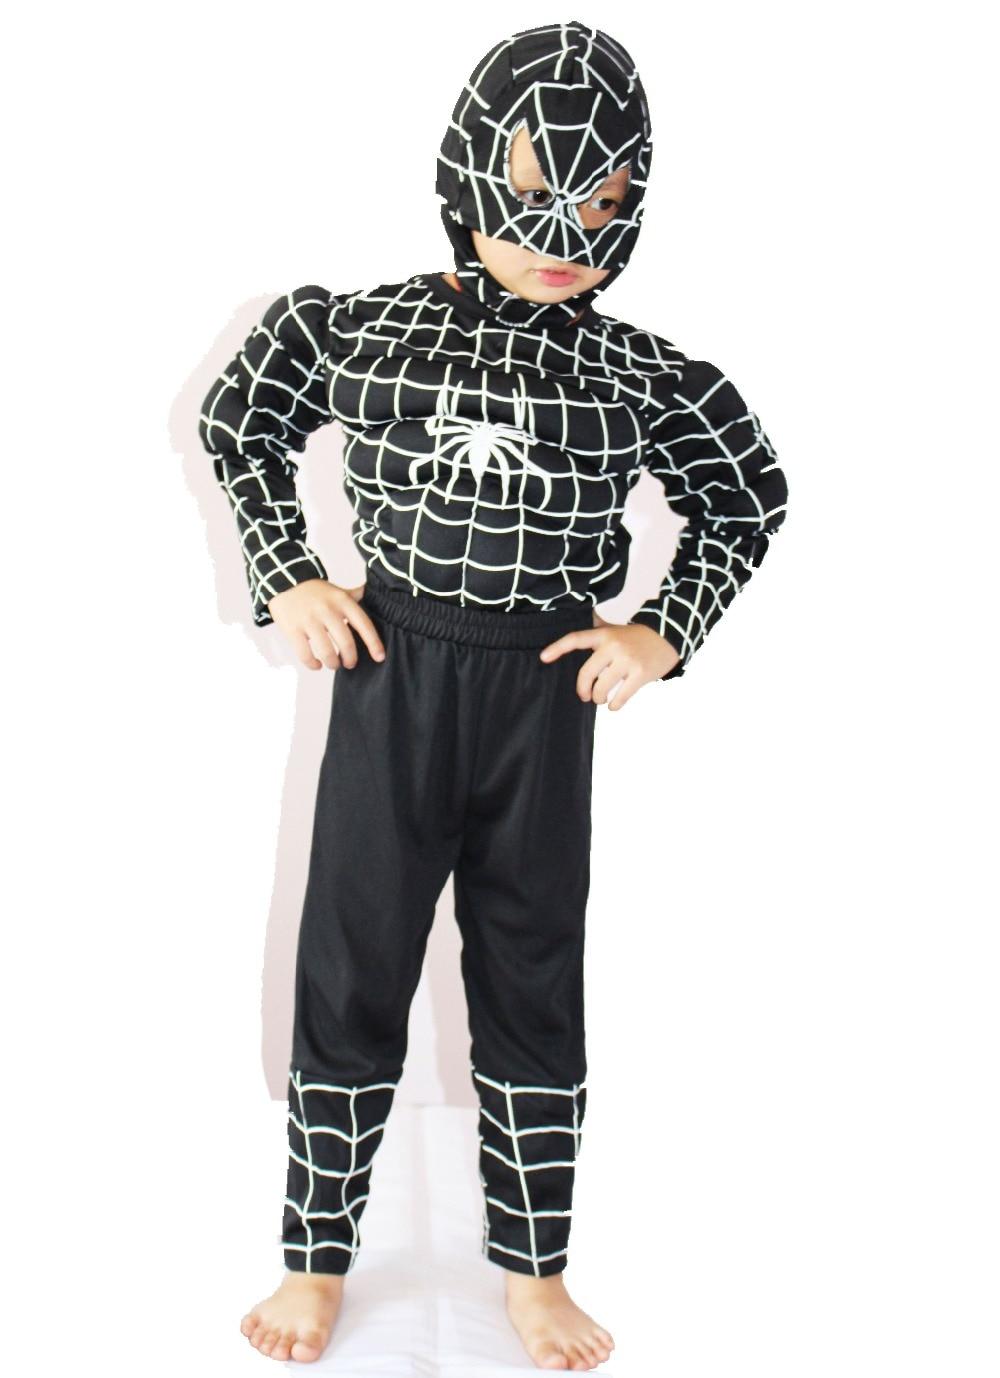 Nagyker & kiskereskedelmi karácsony / Halloween 3-7 éves fiúk Fekete pókember Izom Cosplay Szerepjáték ruházat, hosszú ujjú póló